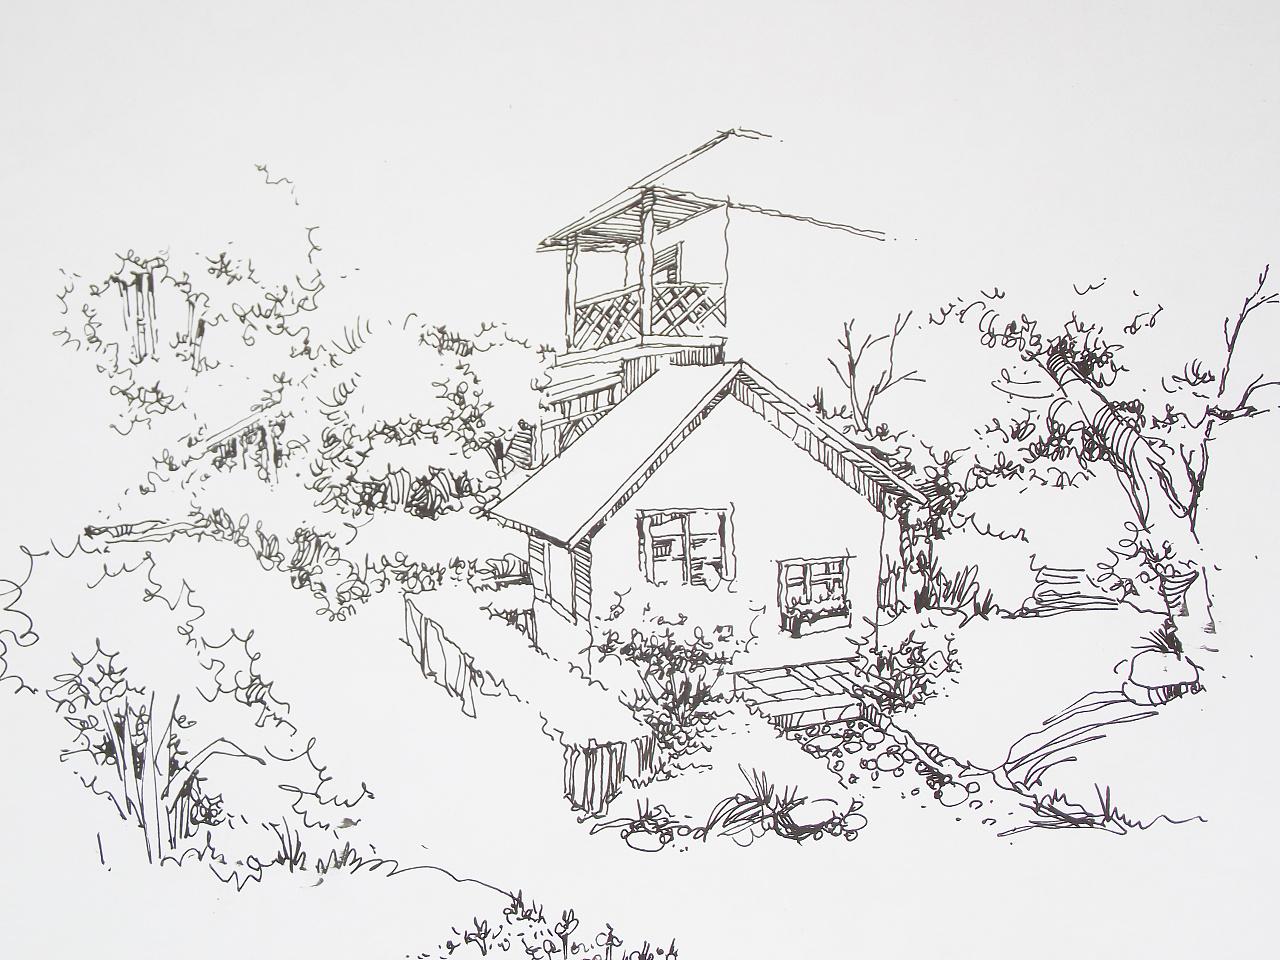 手绘线稿|纯艺术|其他艺创|niuong - 原创作品 - 站酷